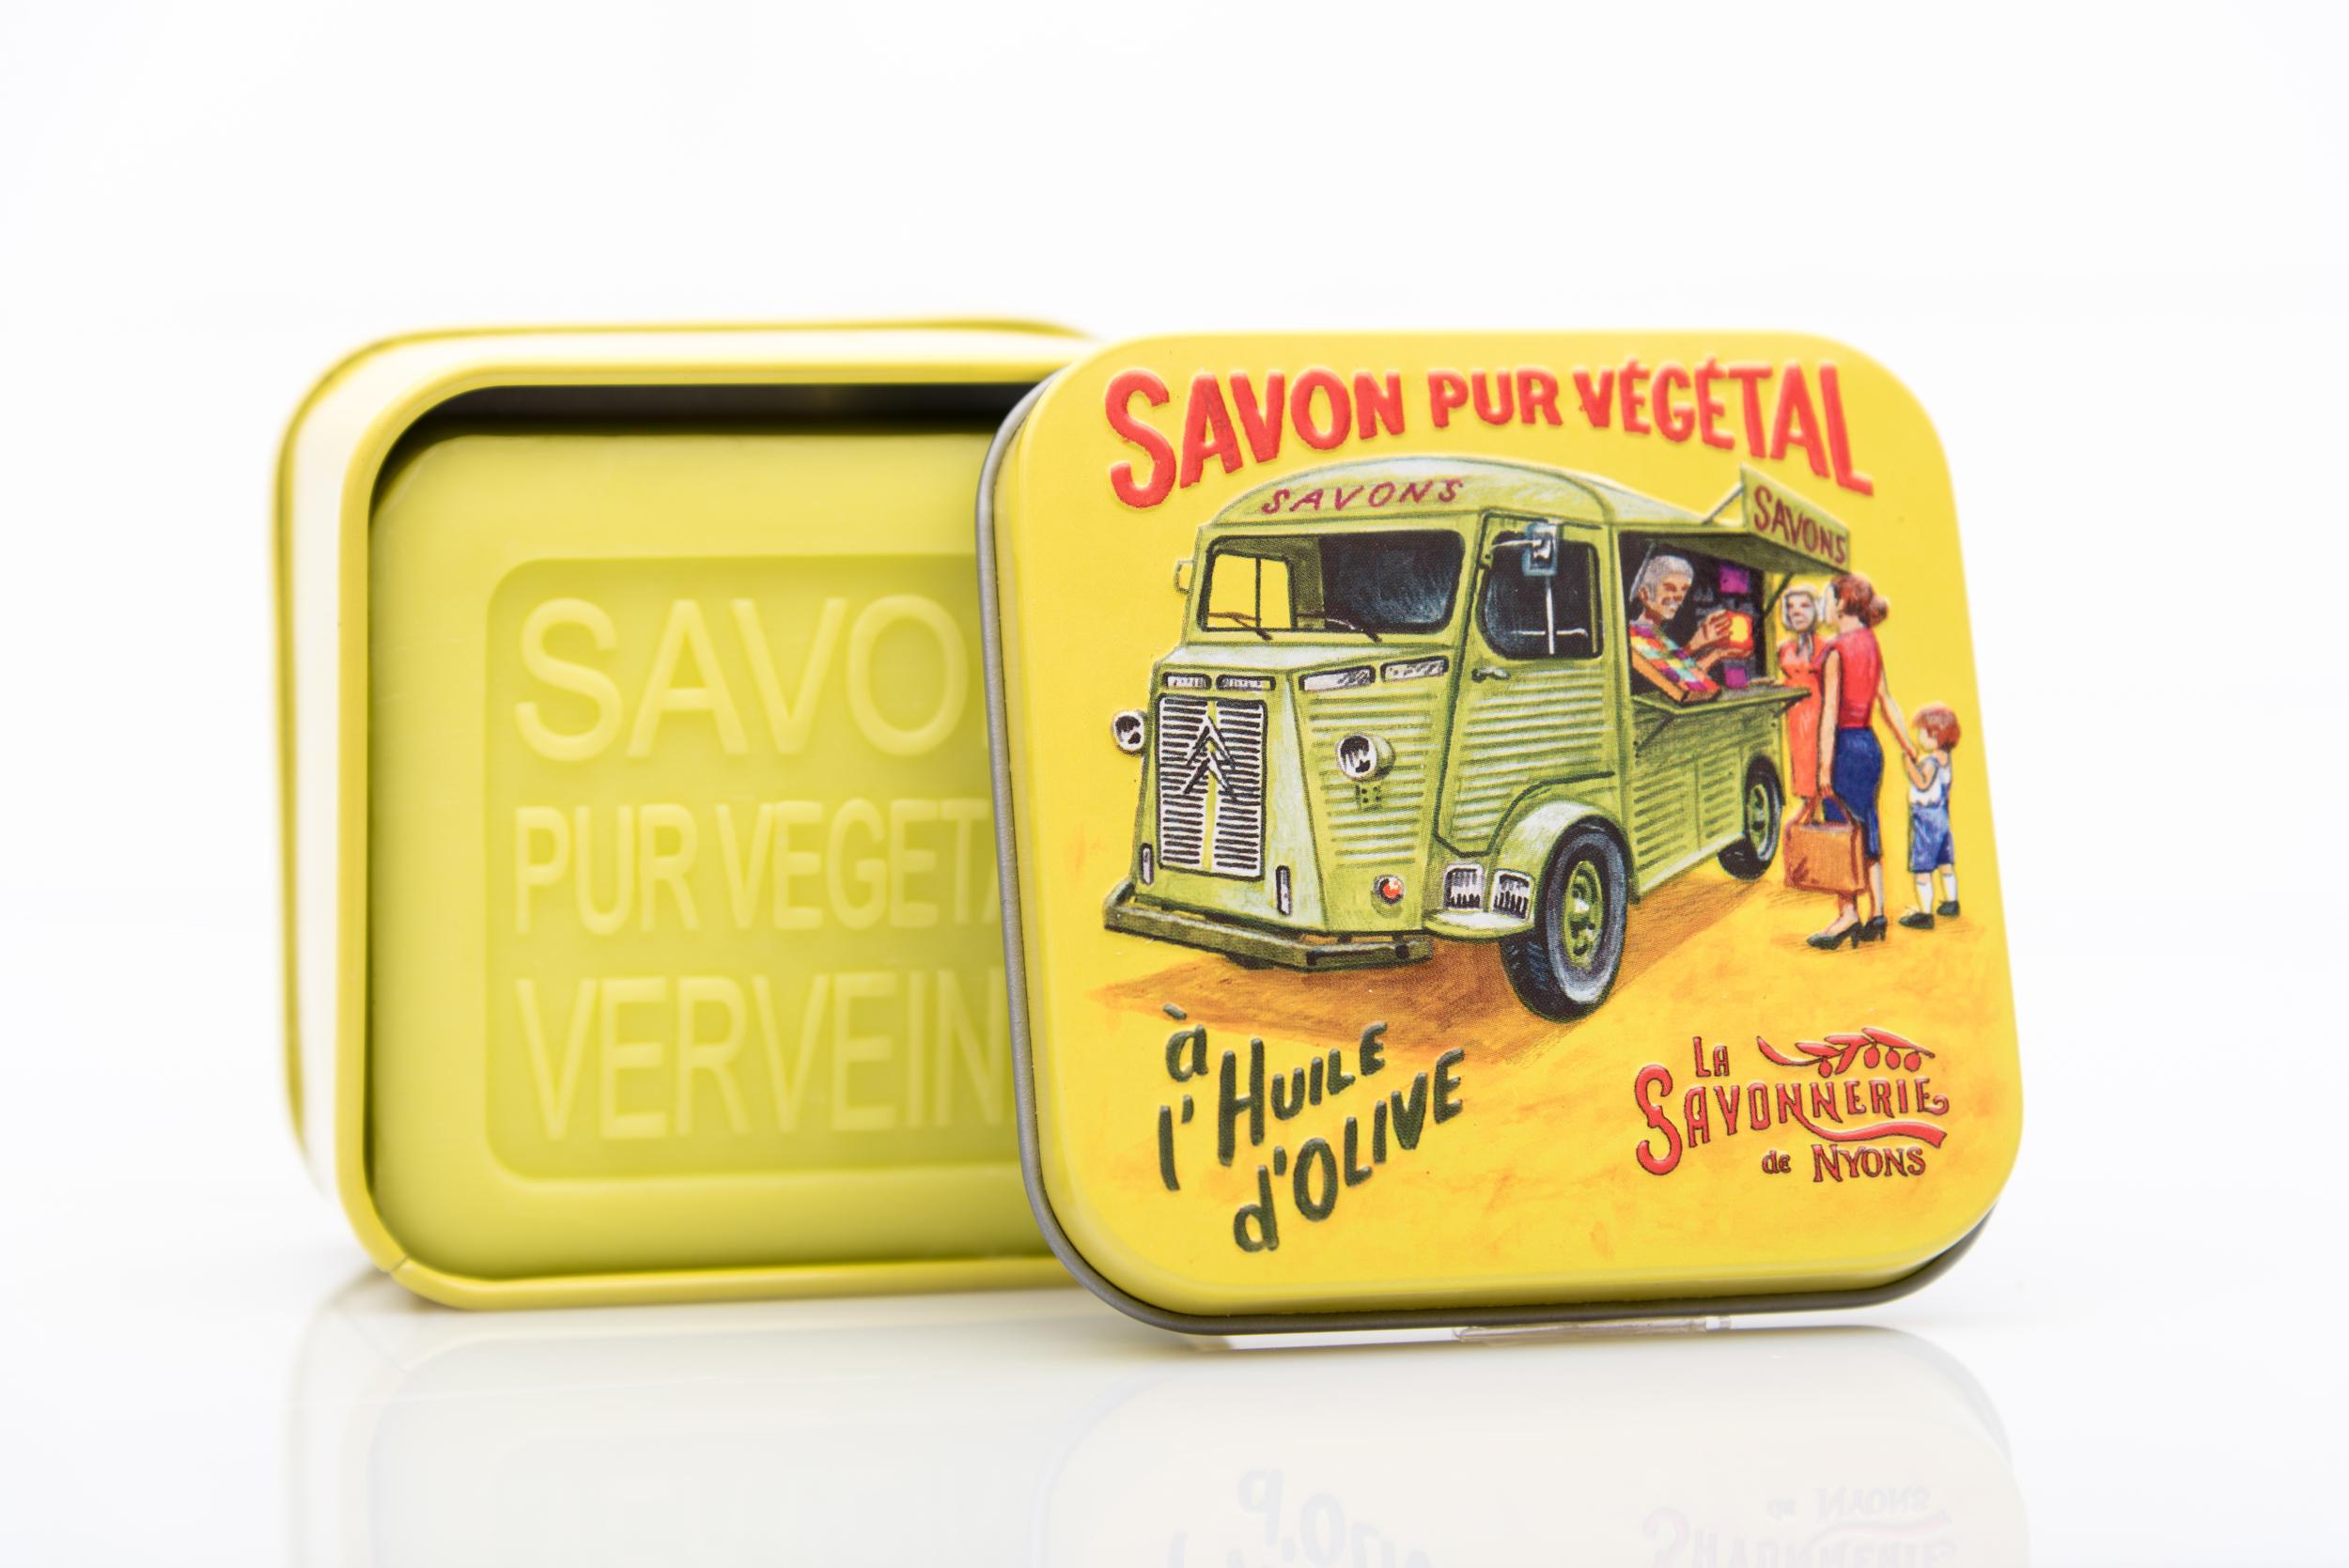 SAVON DE NYONS VEGETAL MADE IN FRANCE AVEC BOITE METALIQUE MODELE 43 A LA VERVEINE